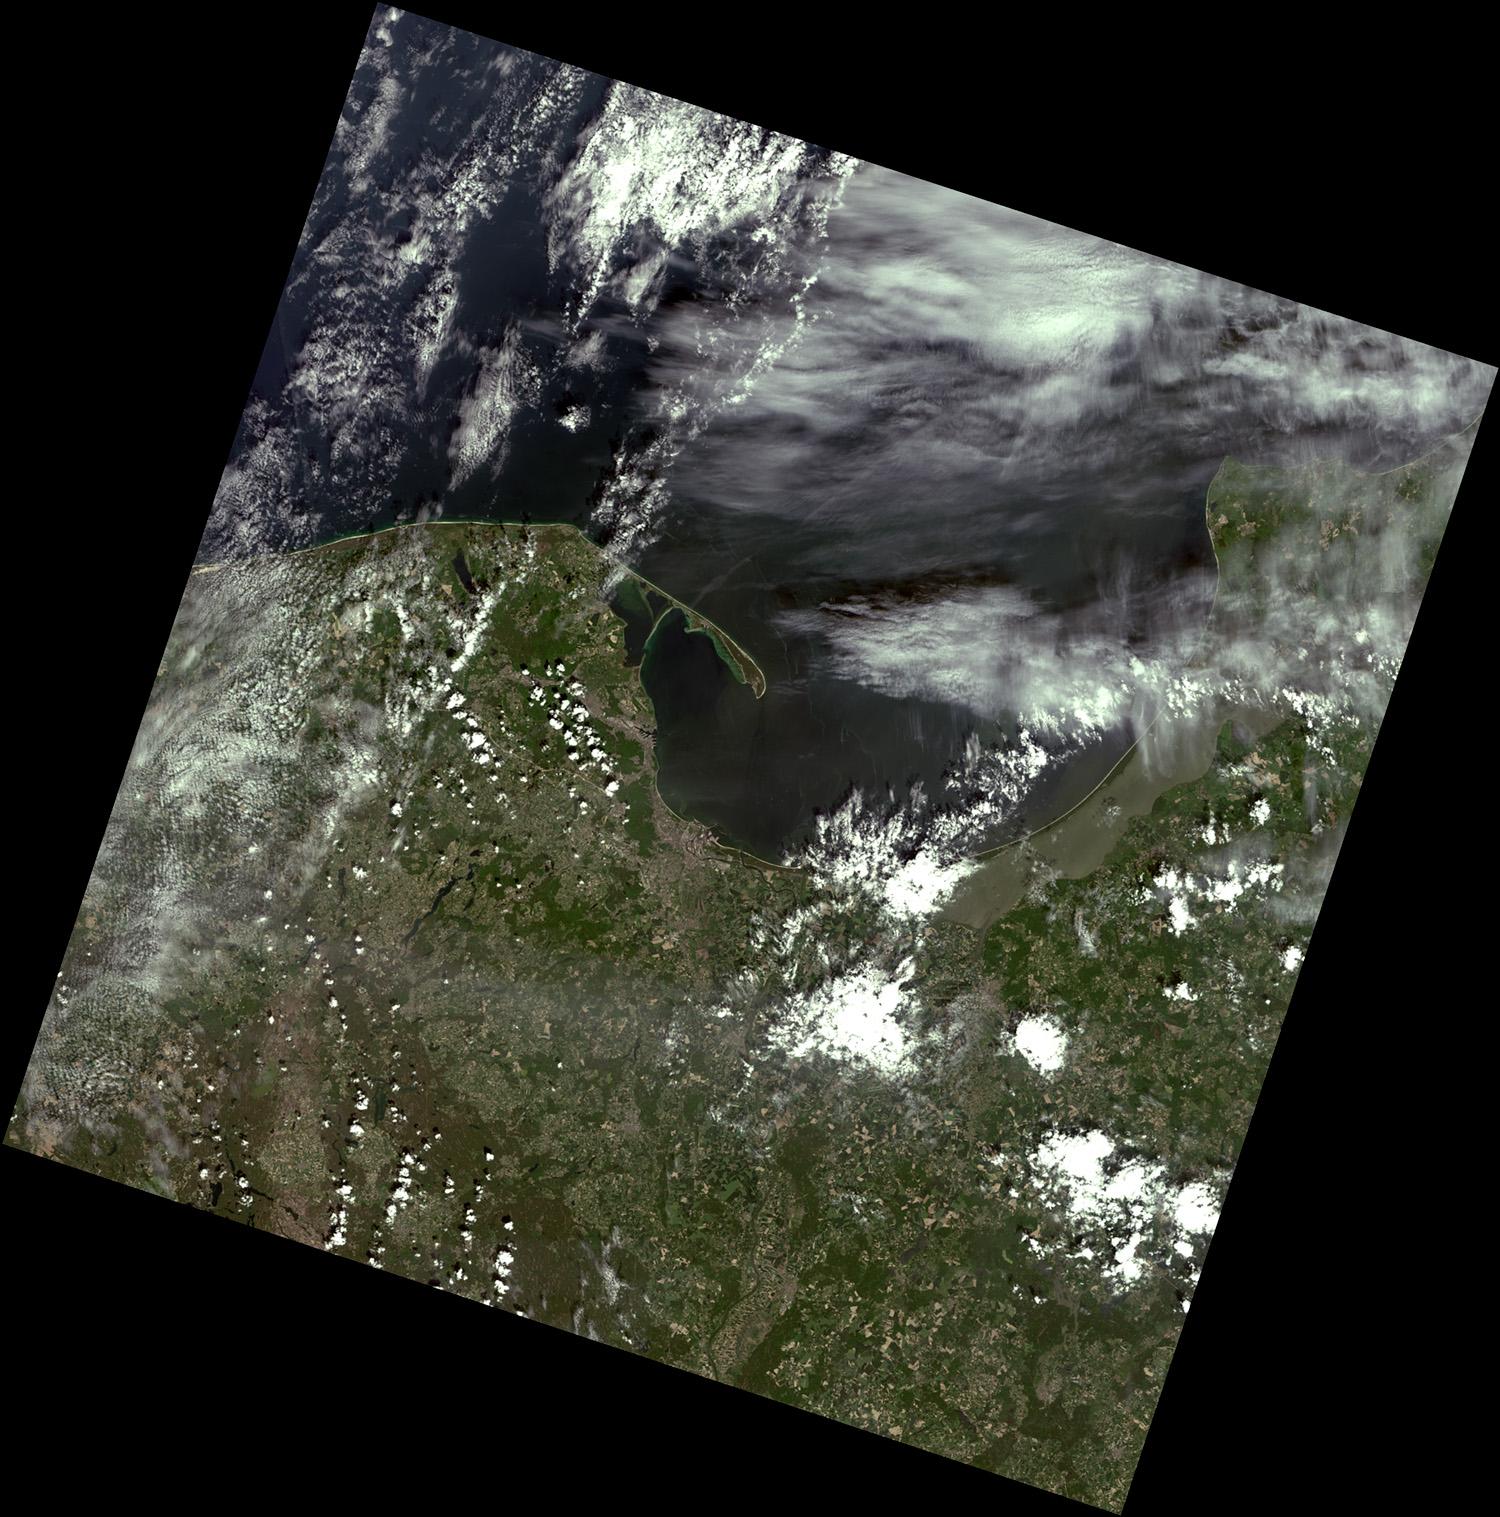 """Landsat okrążając Ziemię skanuje non stop jej powierzchnie lądową. Pas obrazowania o szerokości 185 km cięty jest następnie na fragmenty długości 180 km. Tak powstaje """"scena"""" Landsata – pojedynczy obraz, który za darmo można pobrać z internetu. Powyższy obraz to obserwacja Landsata-8, sensor OLI, z 8 czerwca 2021. Fot. A.Kotarba, dane źródłowe: USGS."""